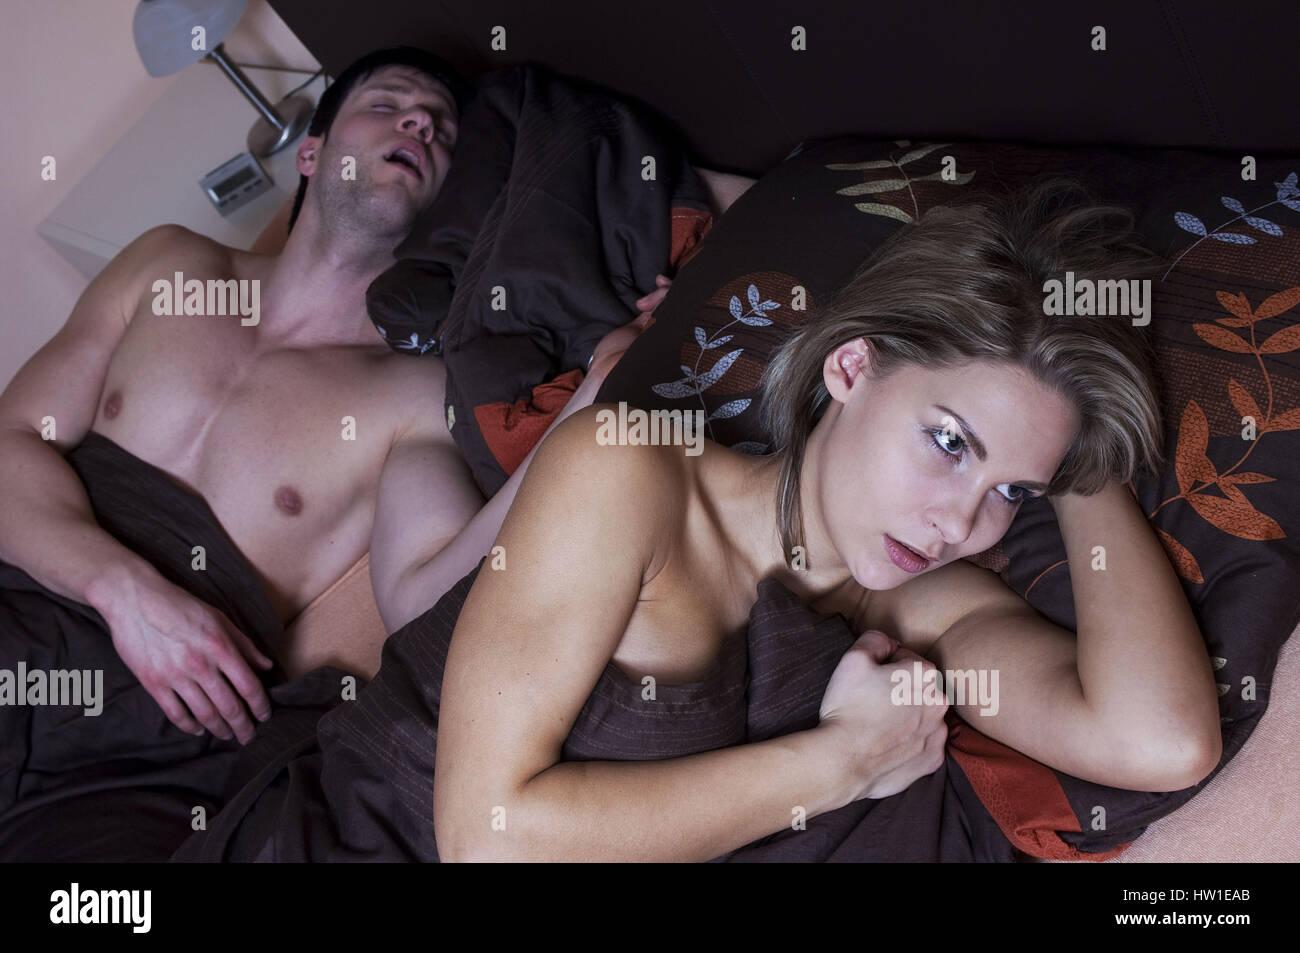 No sleep because of snoring, Kein Schlaf wegen Schnarchen - Stock Image